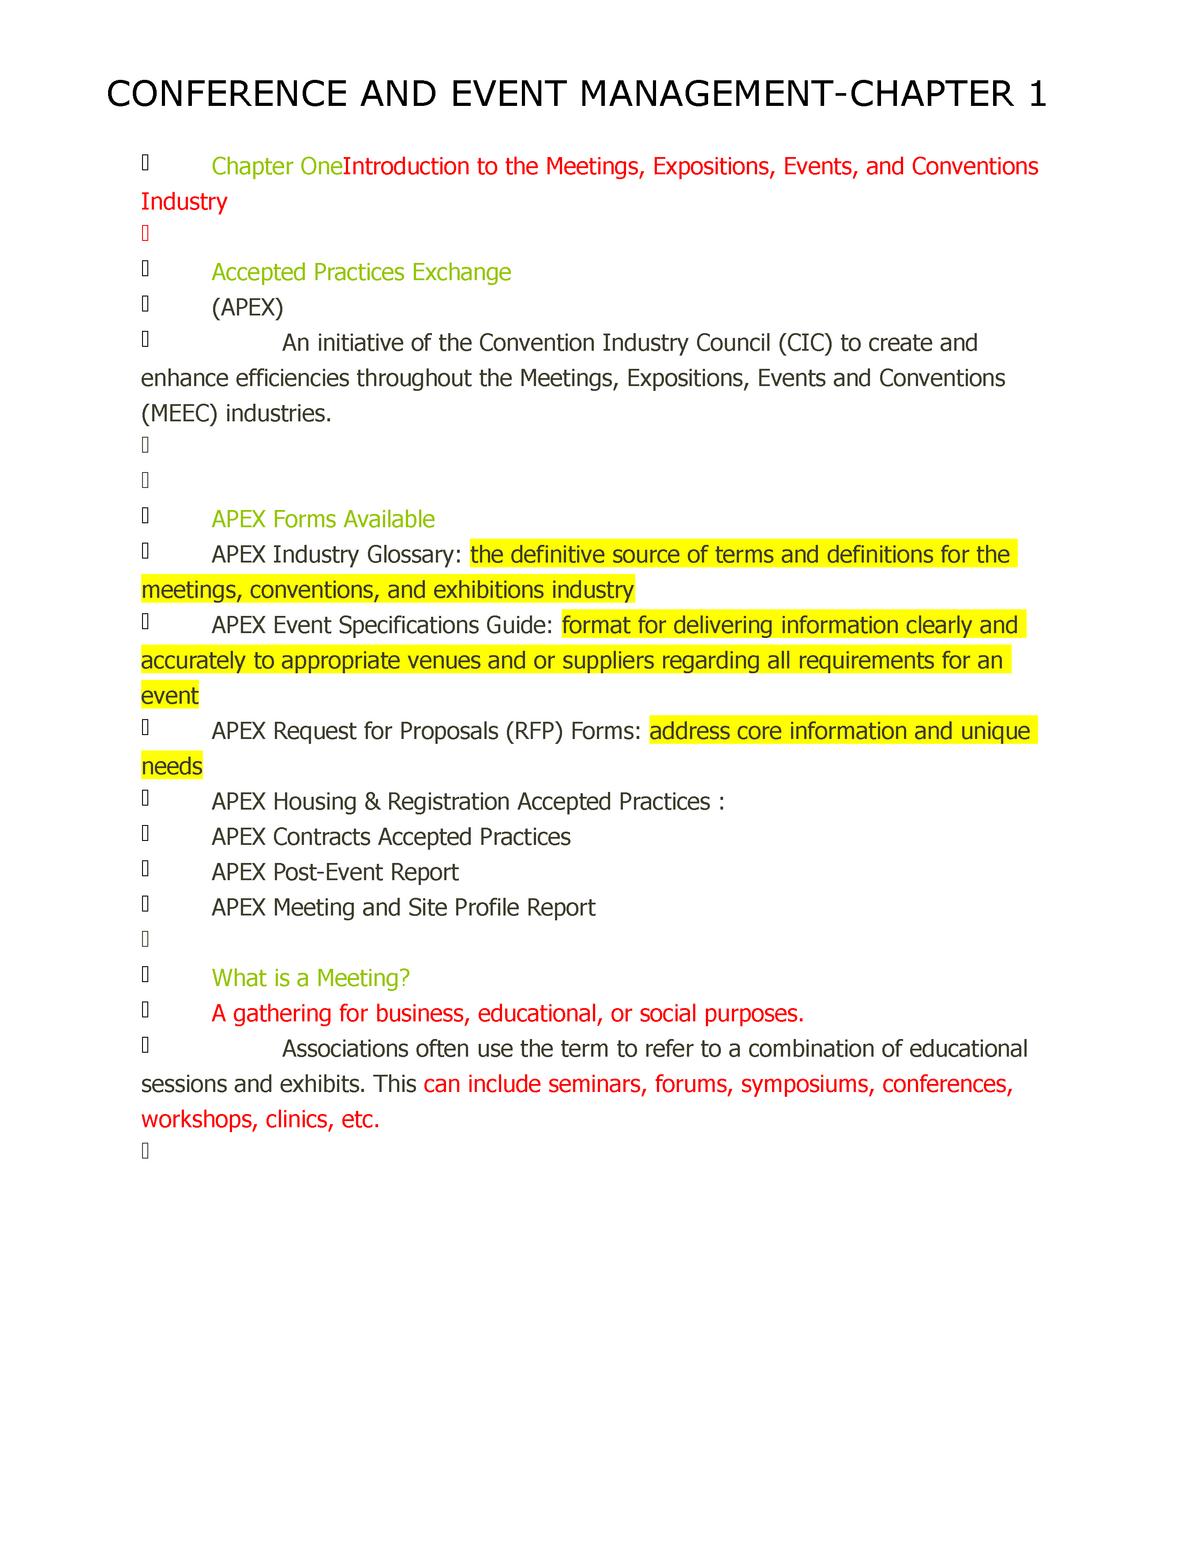 Summary HOS6112 HOS6112 24 Dec 2018 - StuDocu